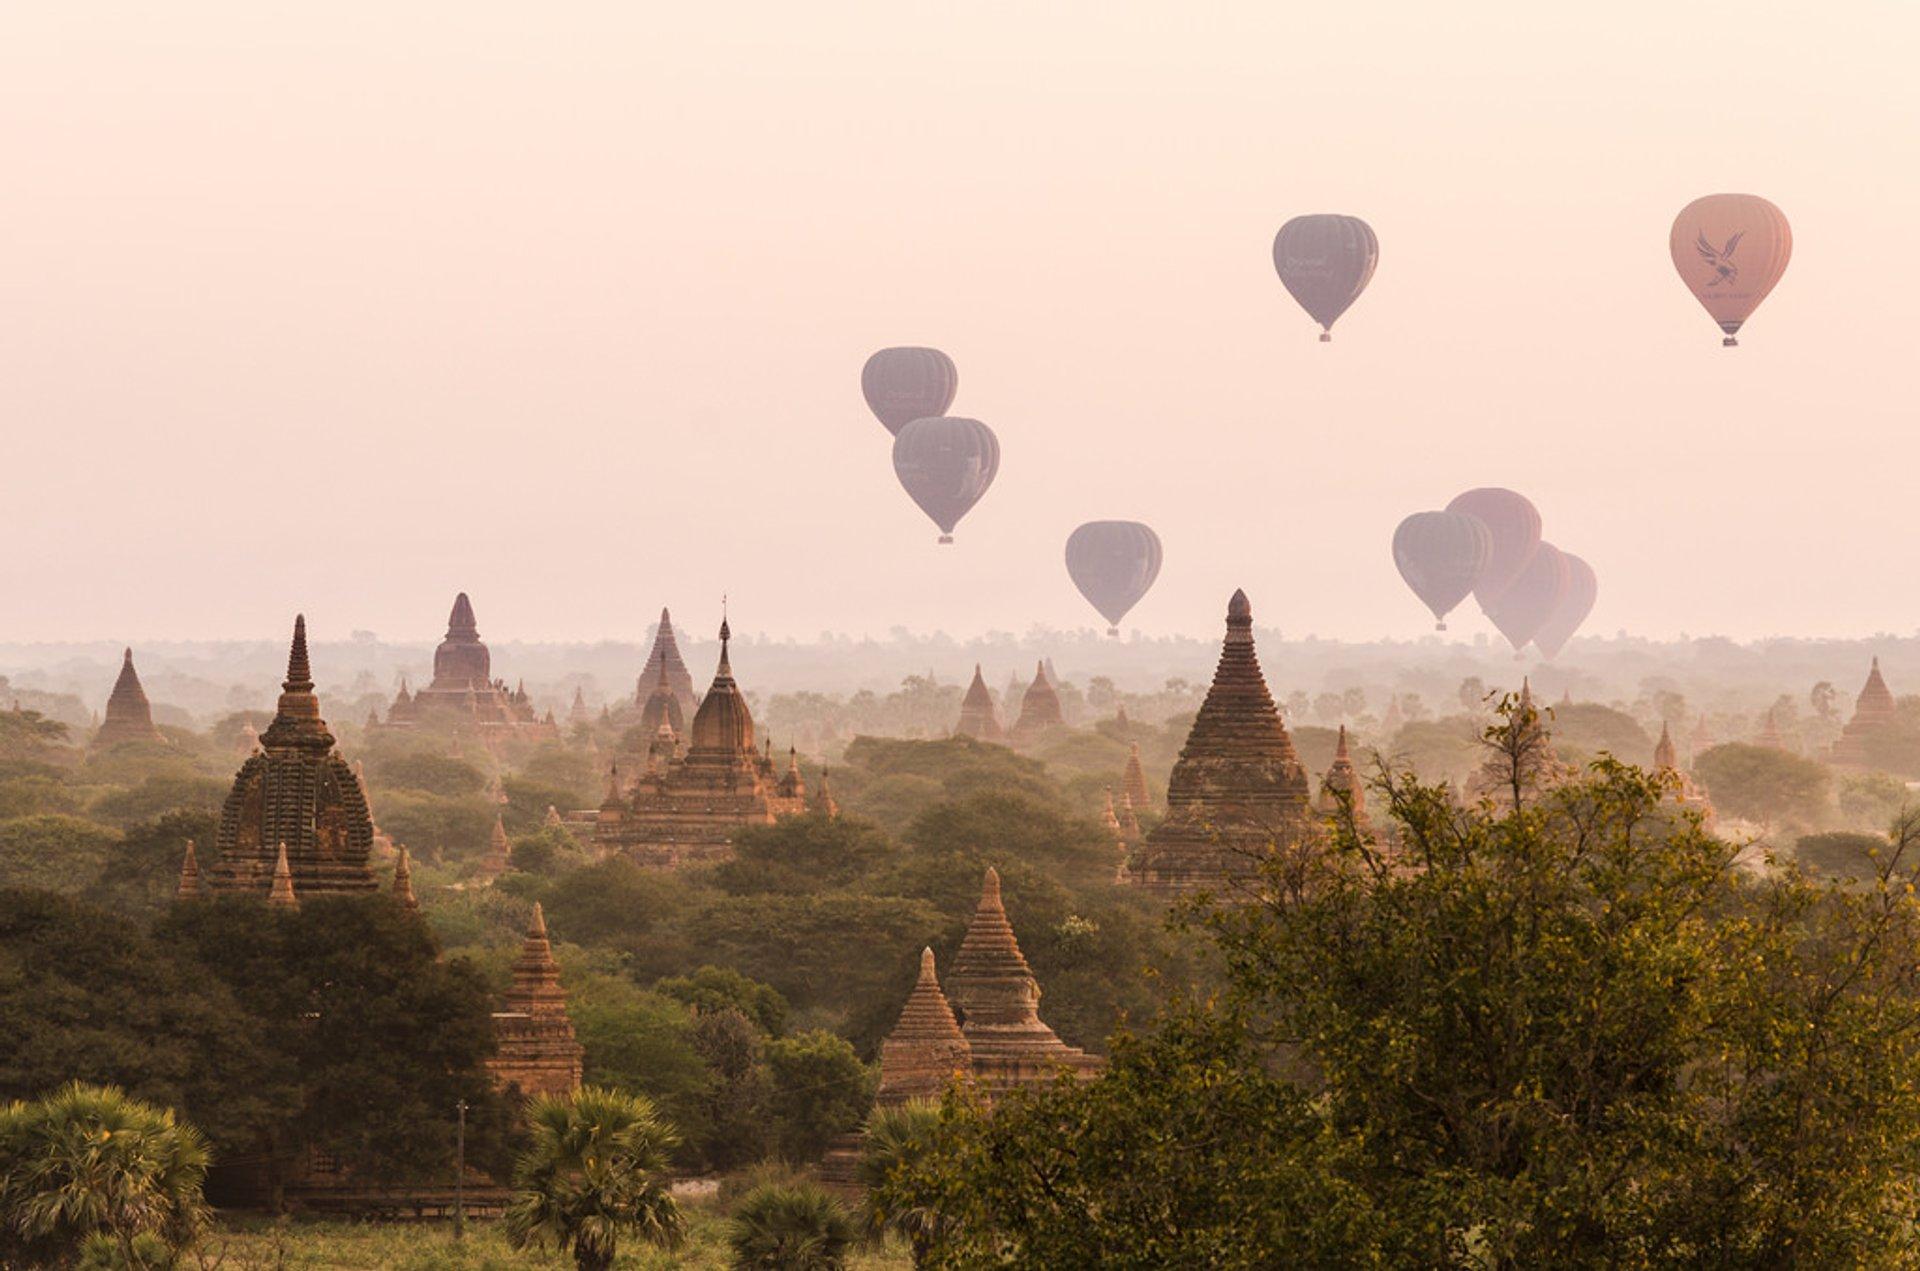 Air Ballooning over Bagan in Myanmar - Best Season